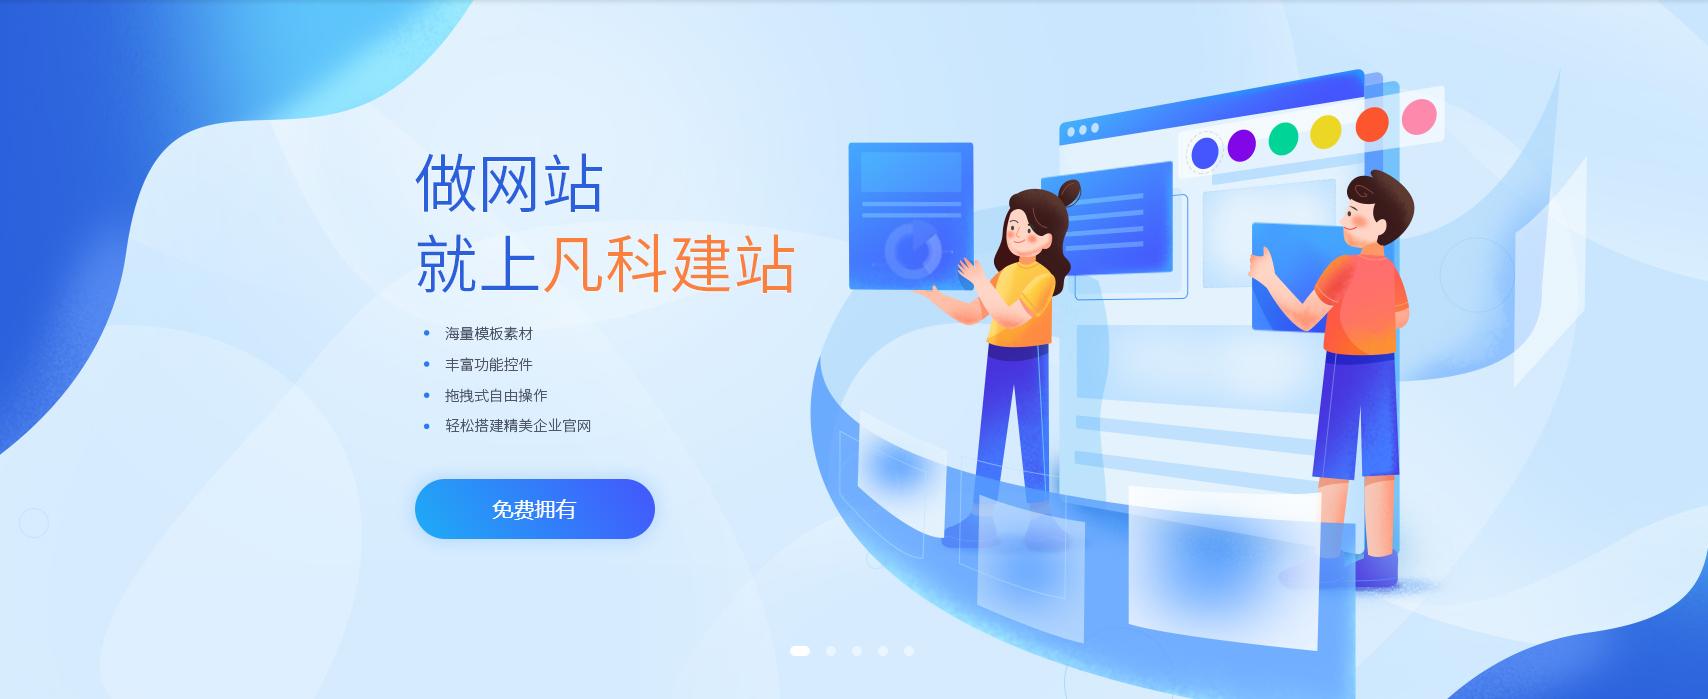 网站产品展示设计